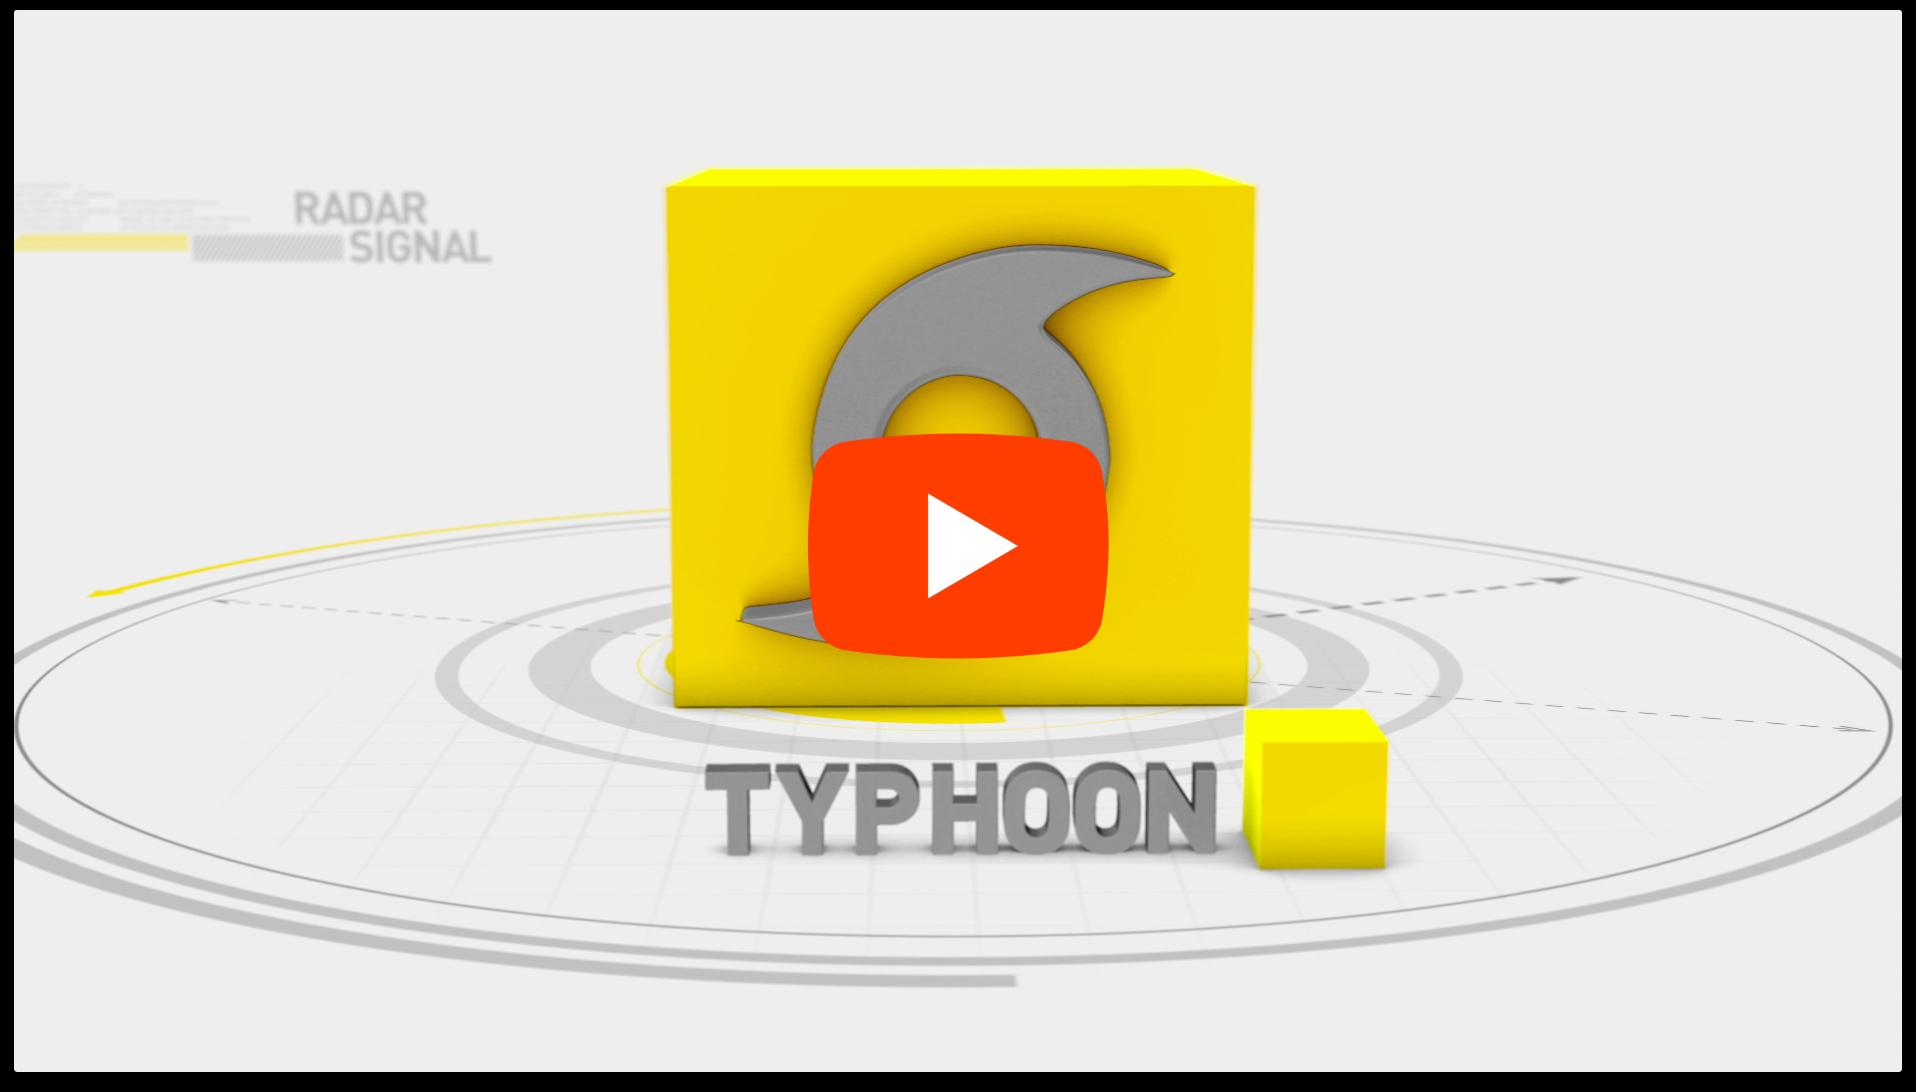 <p>Typhoon</p>